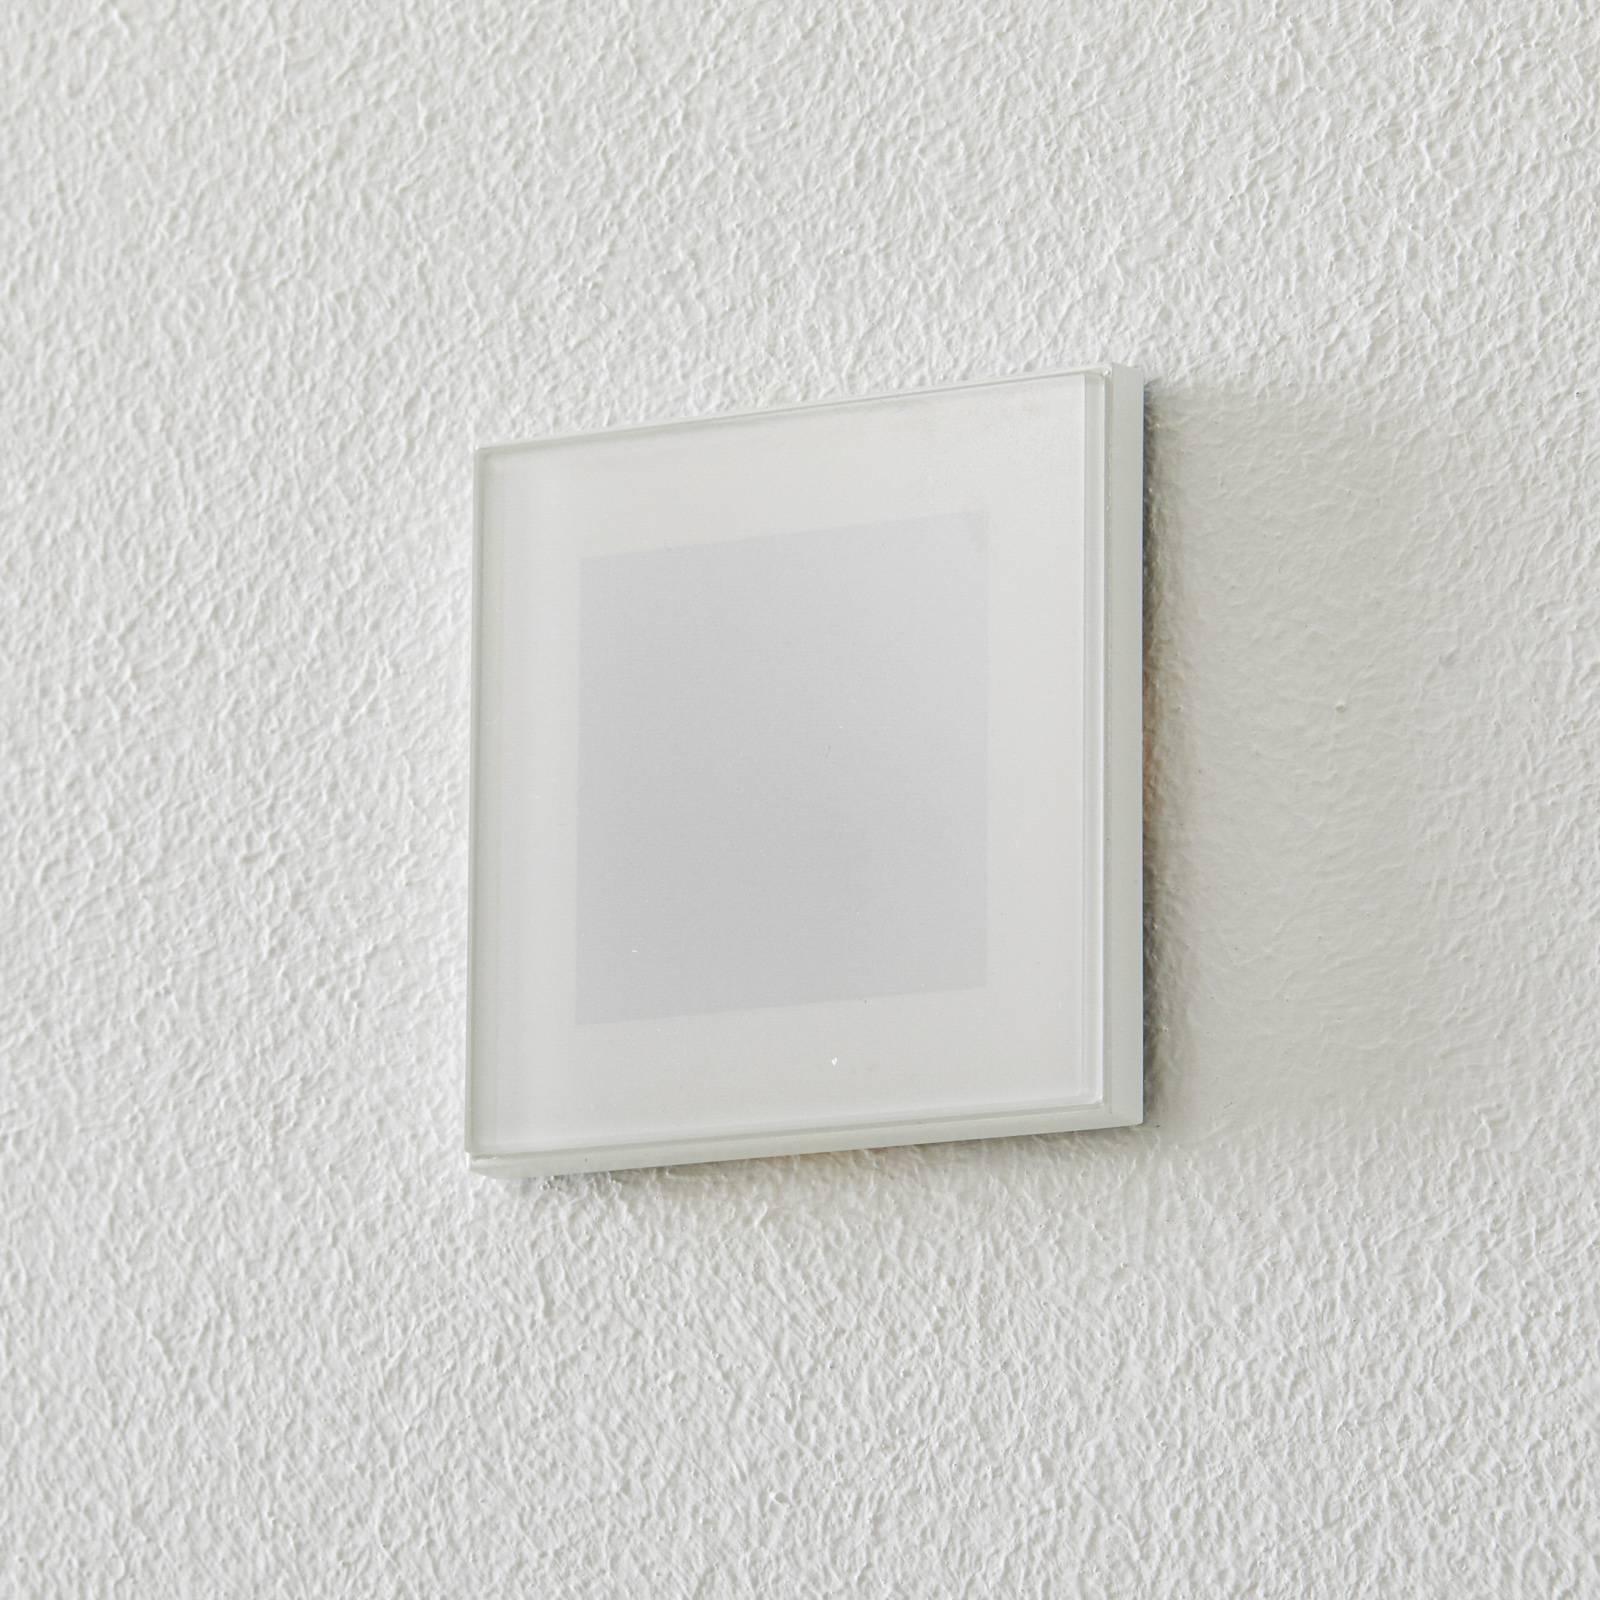 BEGA Accenta seinä kulmikas rengas valkoinen 160lm